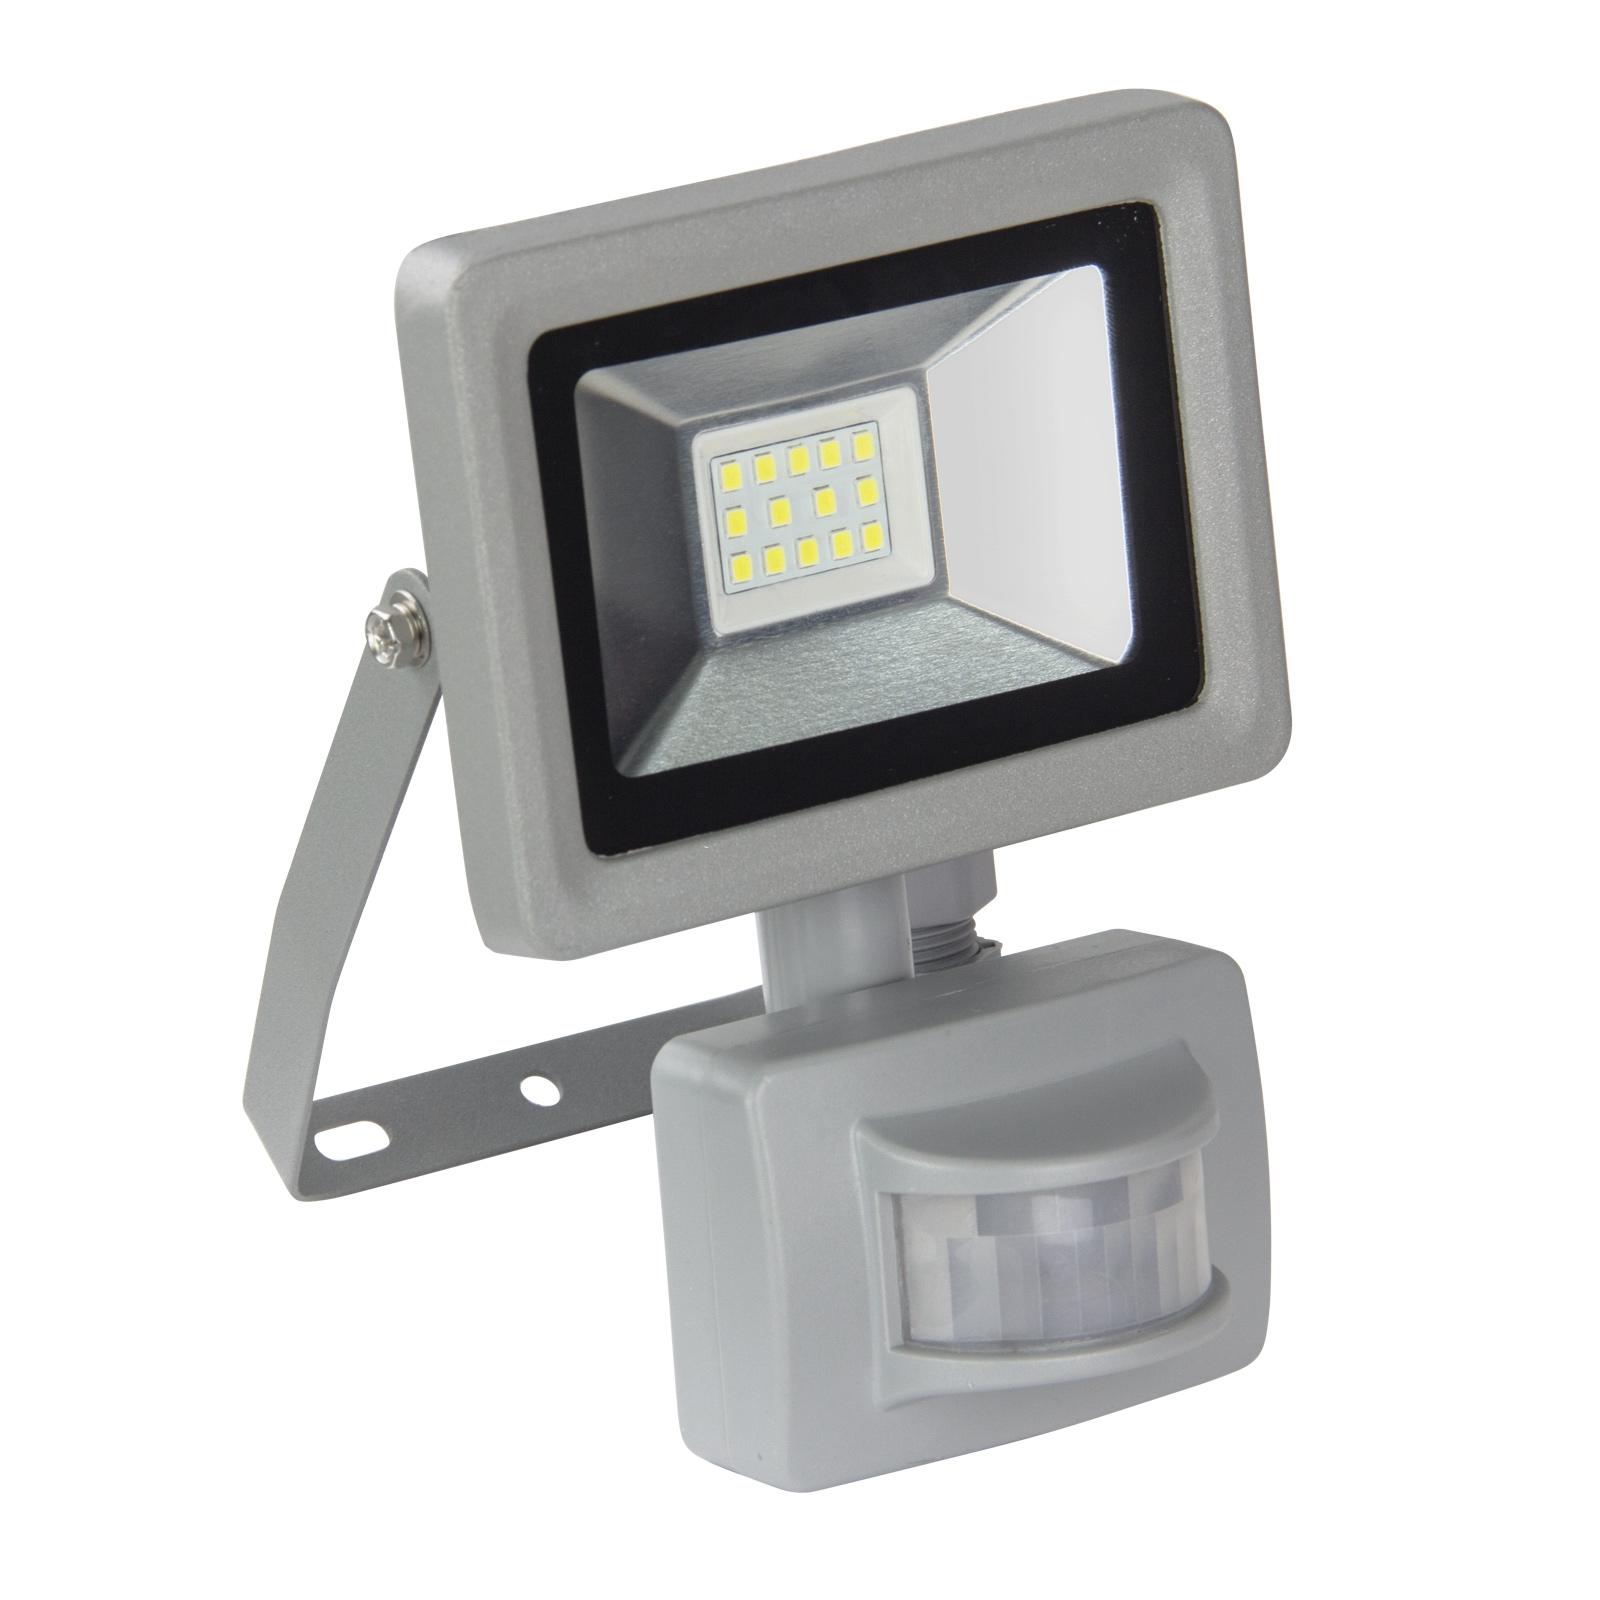 Dema LED-Strahler mit Bewegungsmelder 230V 10W Baustrahler Strahler 90533